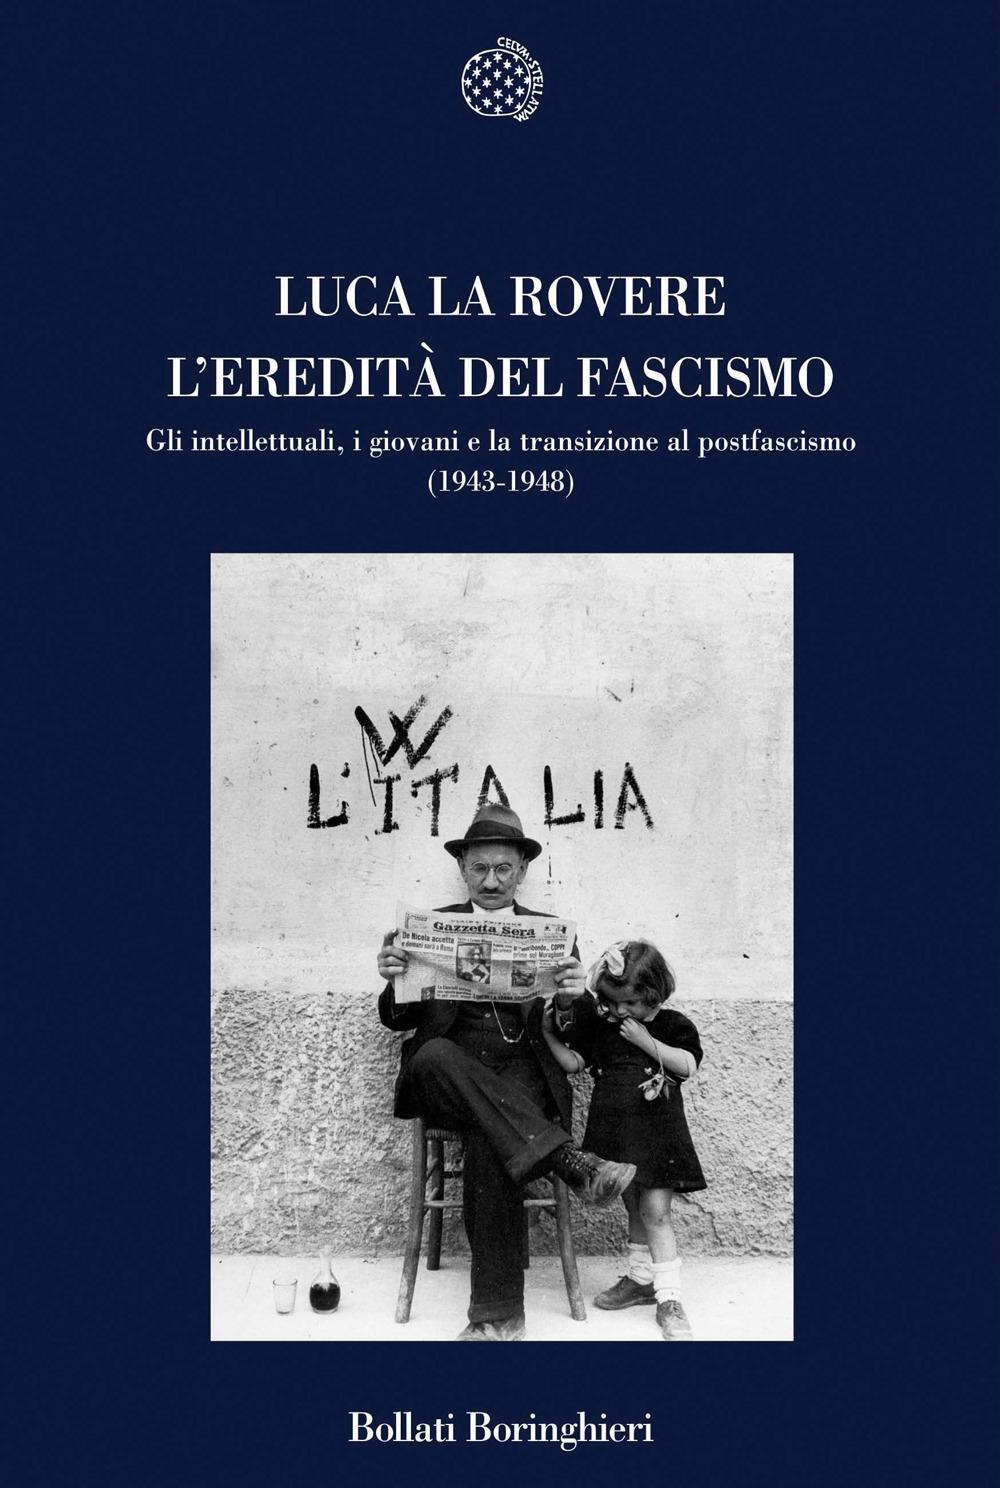 L'eredità del fascismo. Gli intellettuali, i giovani e la transizione al postfascismo (1943-1948)